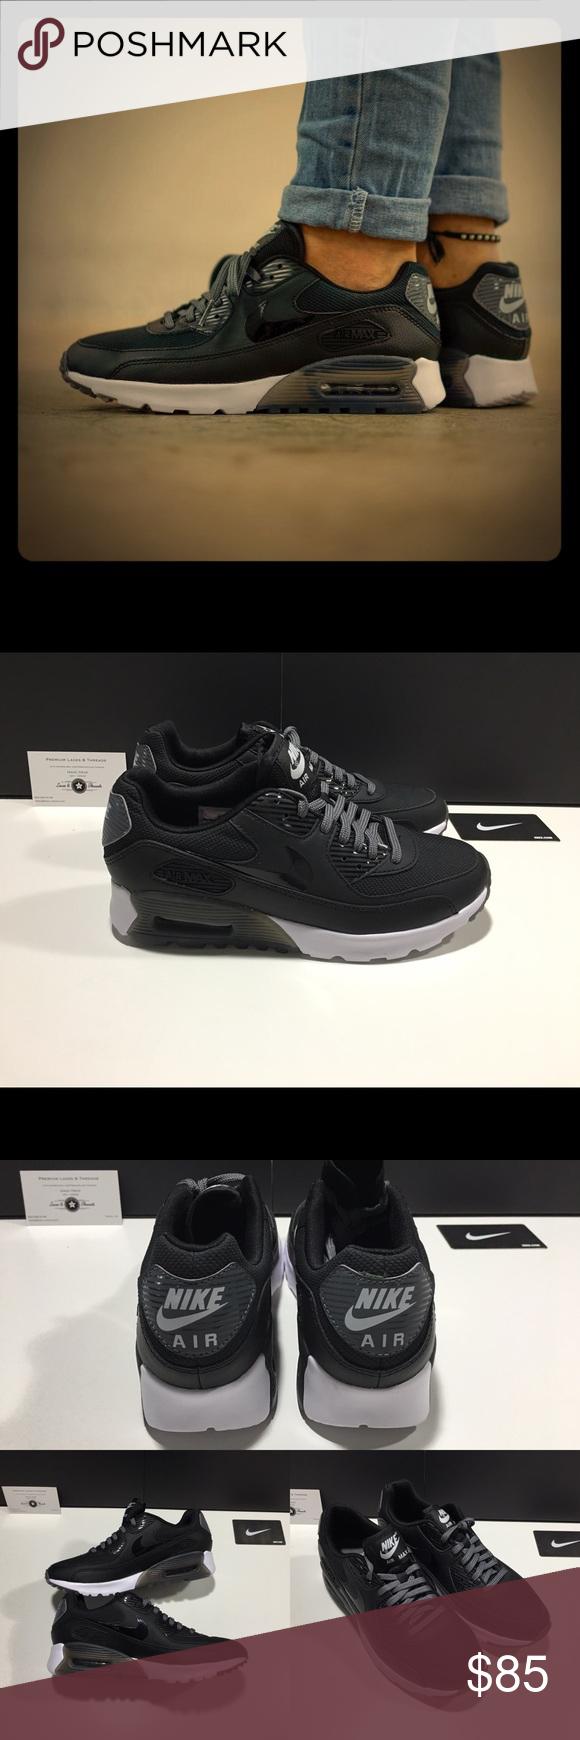 Women's Nike Air Max 90 Ultra Essential 724981 007